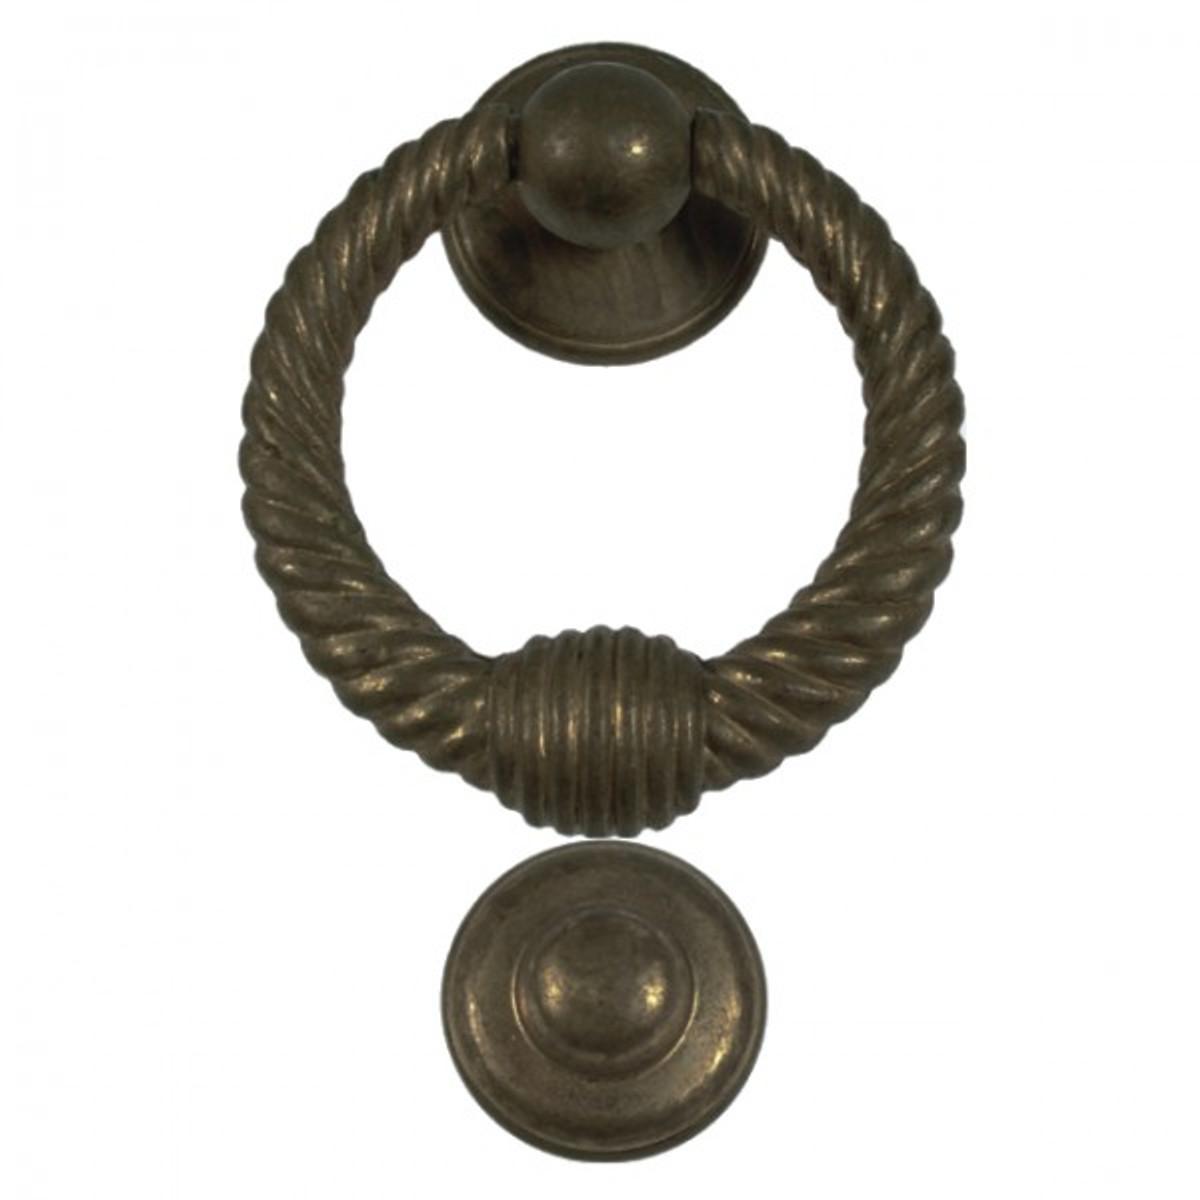 Haustür Beschlag Türklopfer Klingel in Seil Form. Lassen Sie Ihren Besuch an der Tür klopfen.